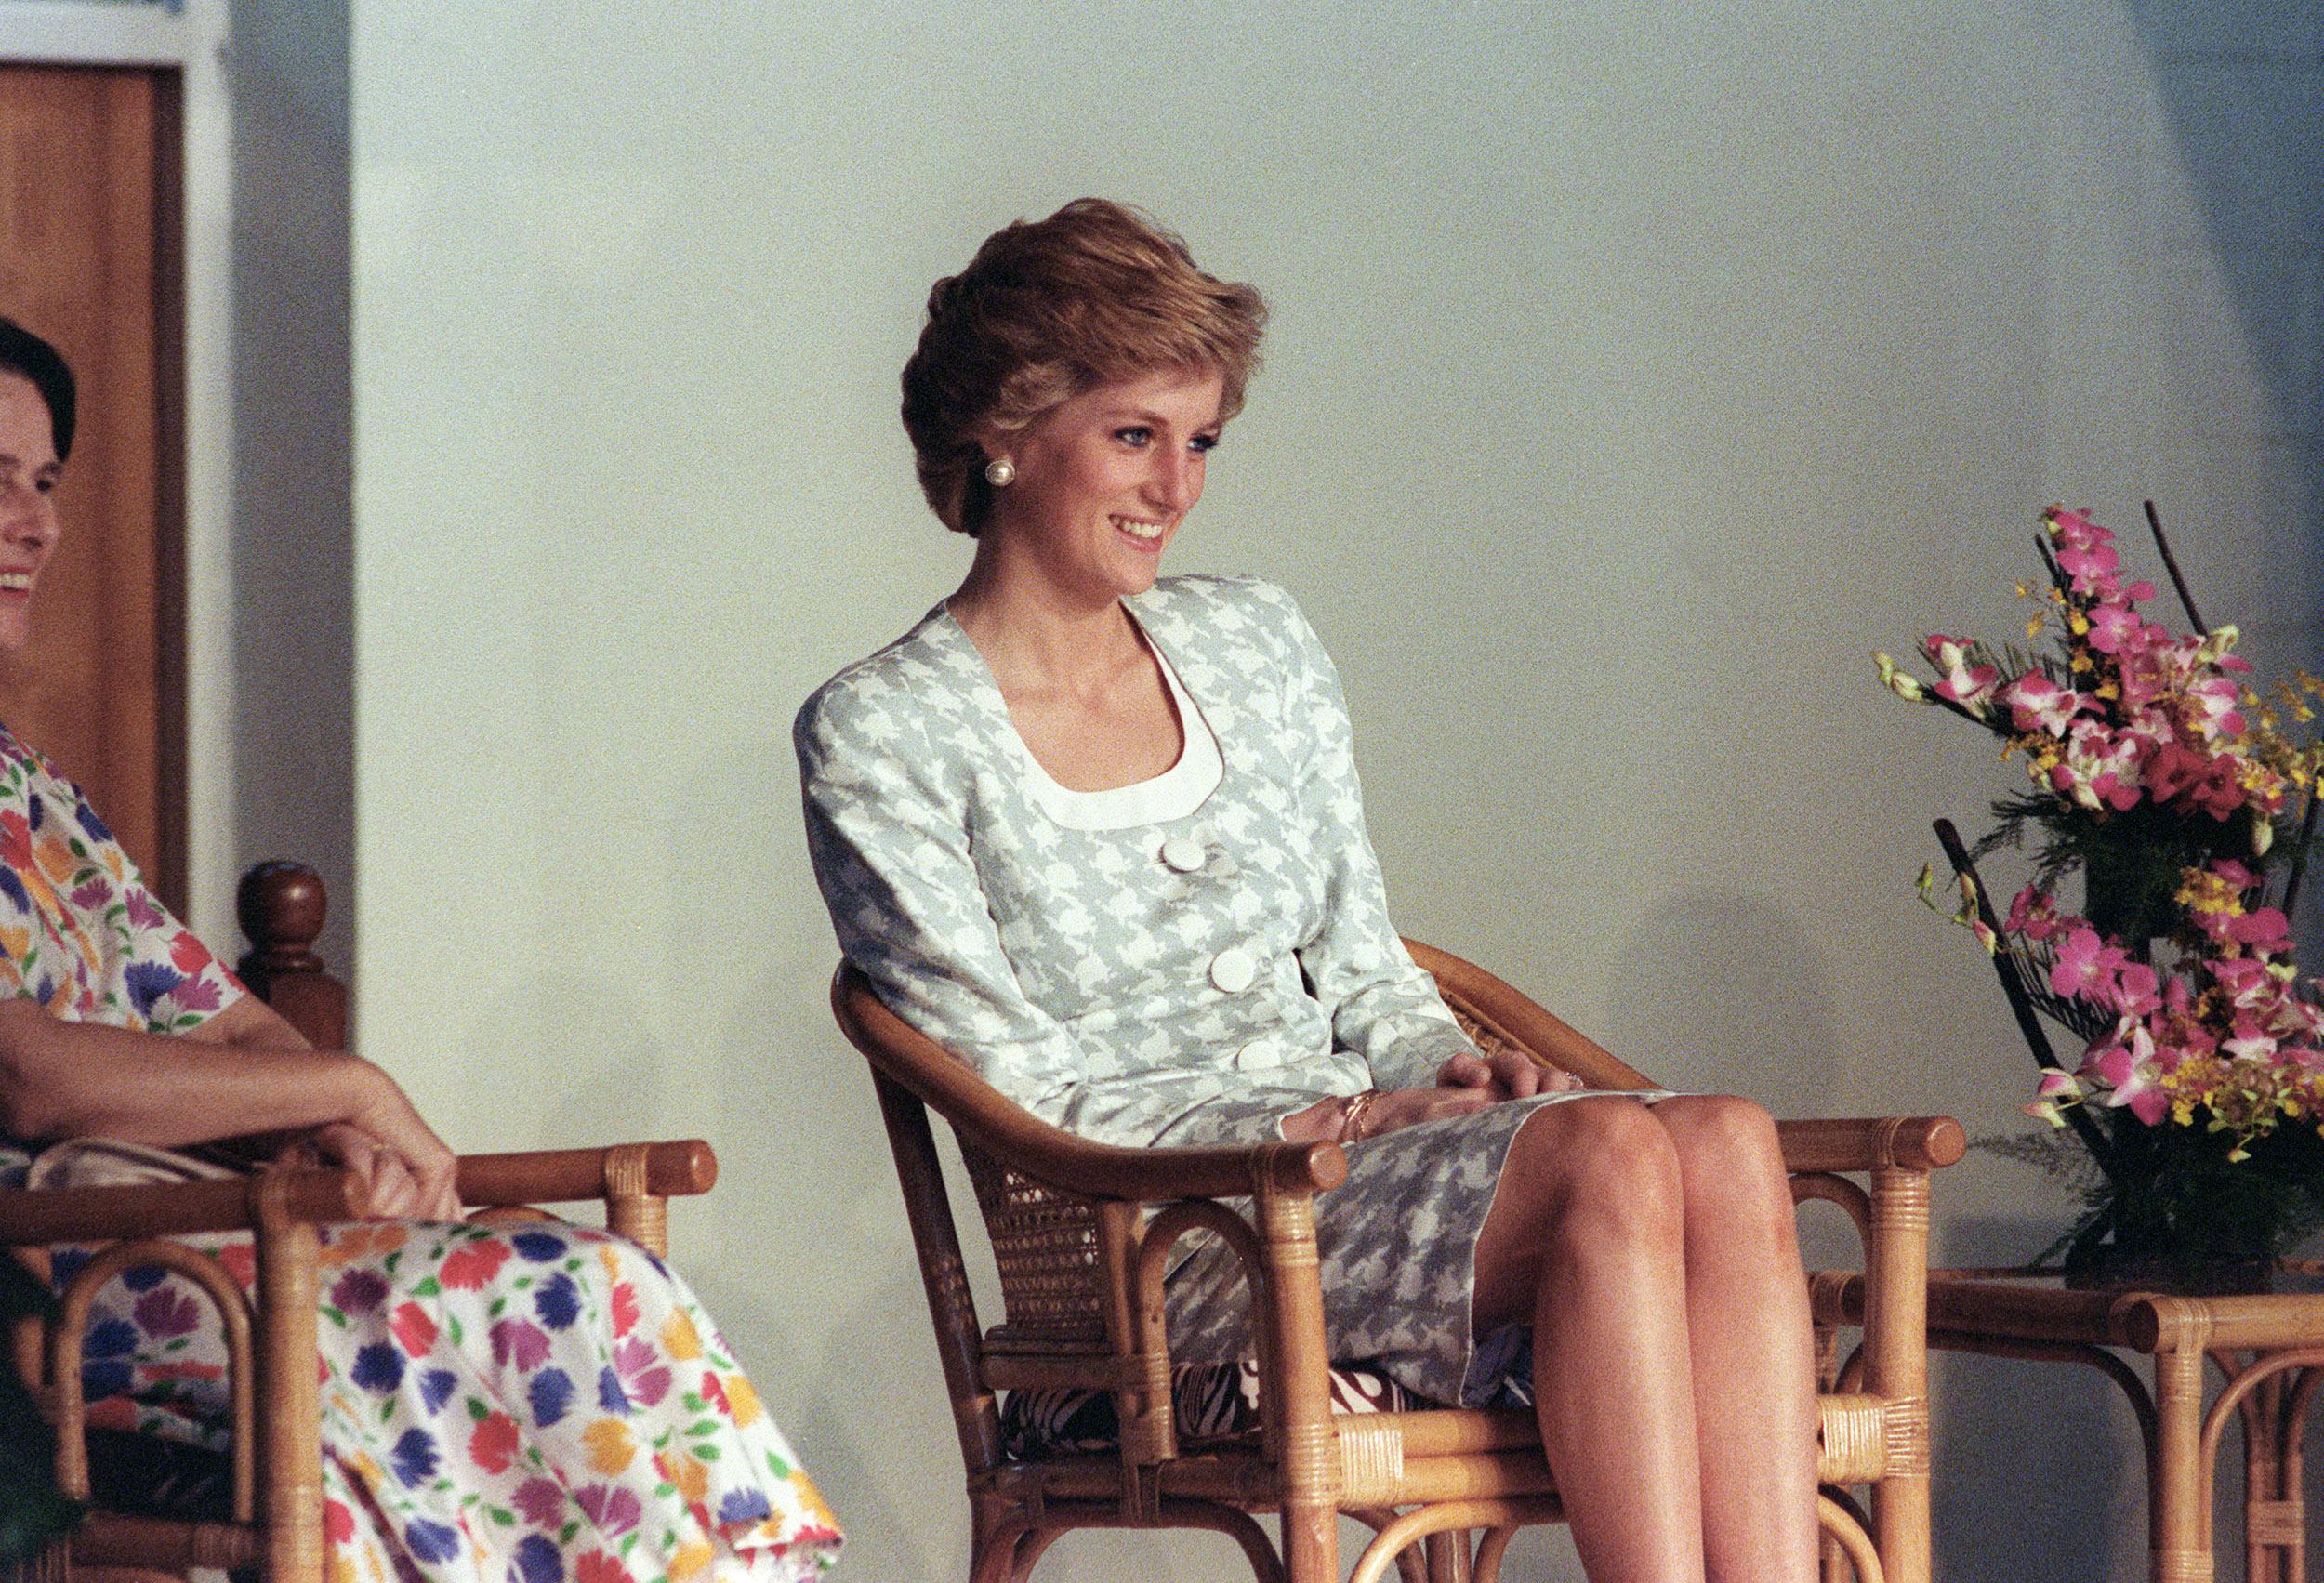 Kiderült, hogy a BBC riportere hazugsággal vette rá Diana hercegnét a híres interjúra, amiben Károly hűtlenségéről beszélt